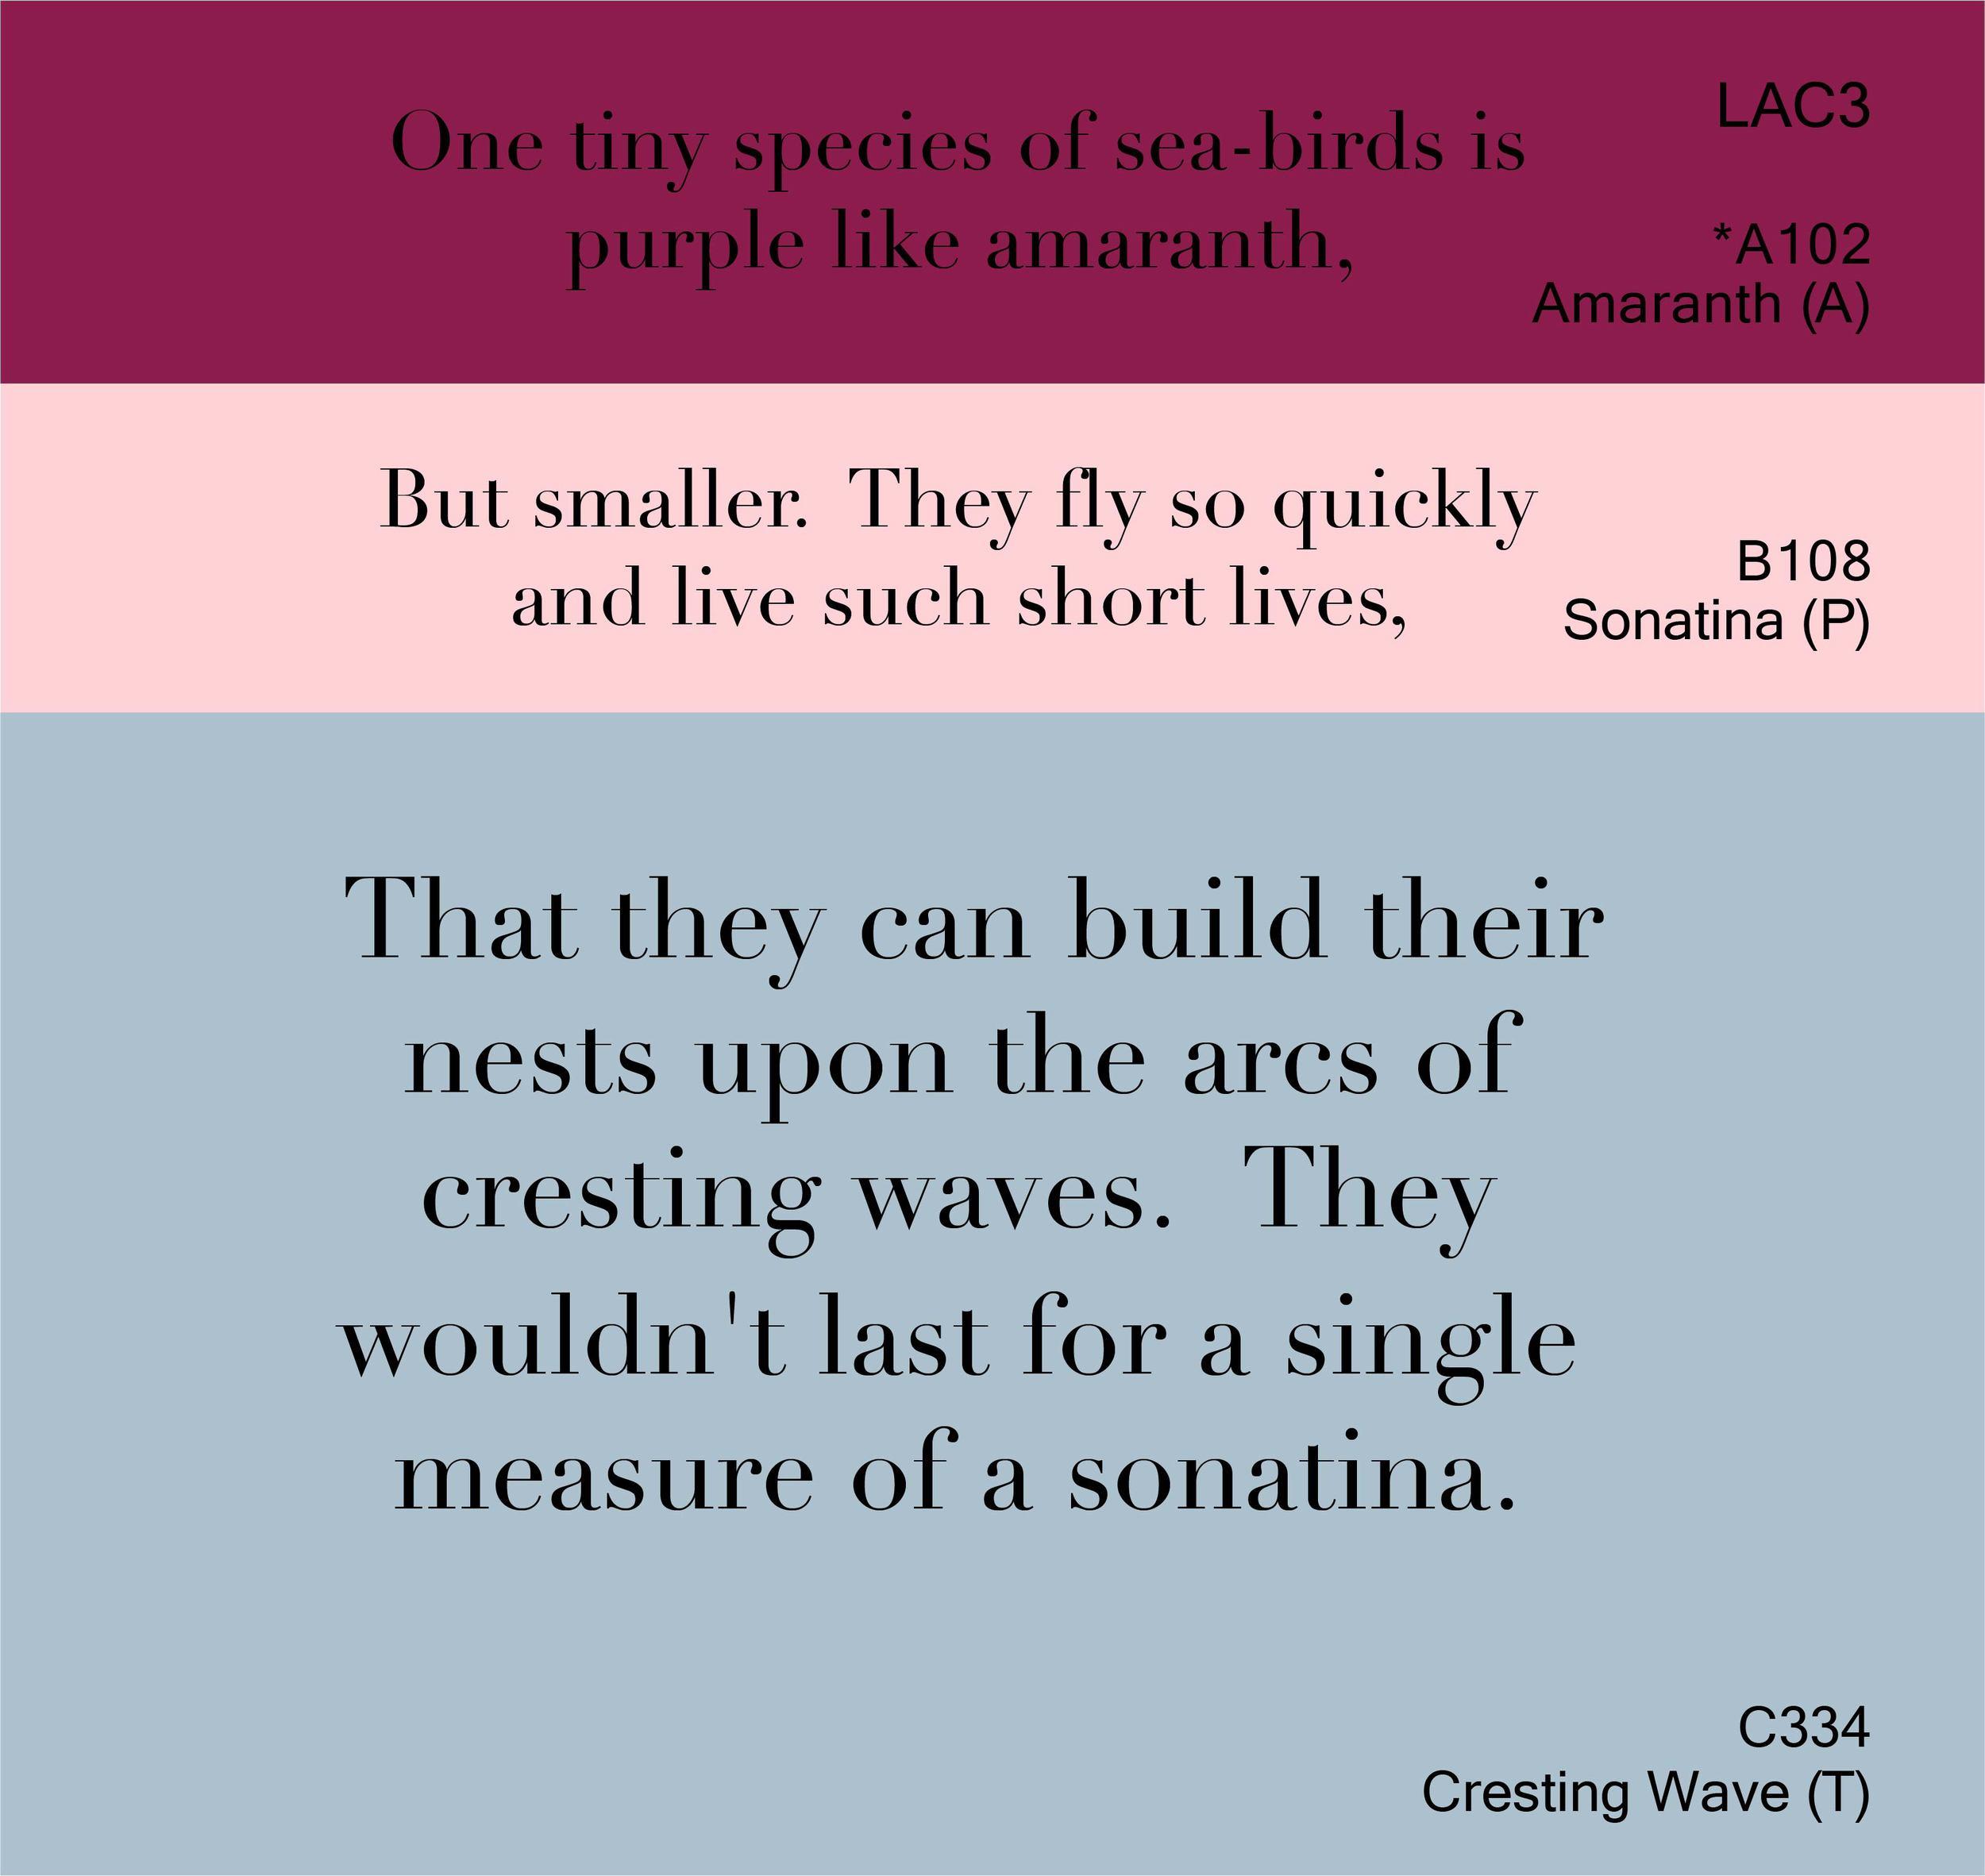 Amaranth, Sonatina, Cresting Wave I